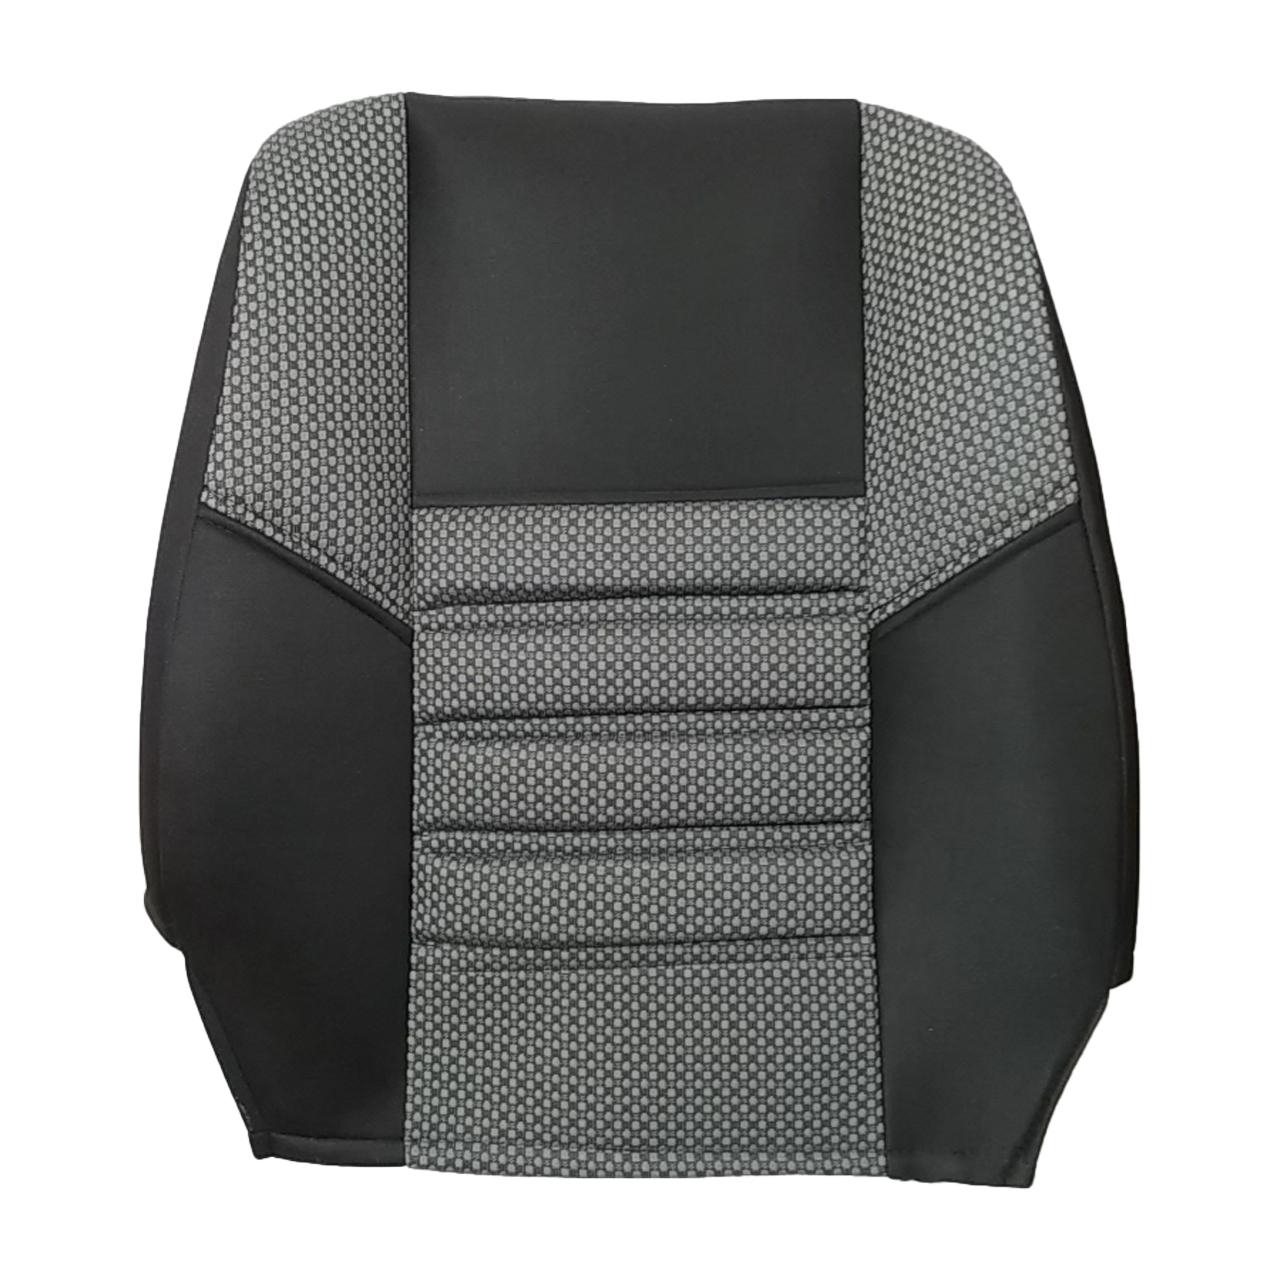 روکش صندلی خودرو مدل 1019 مناسب برای پژو 405